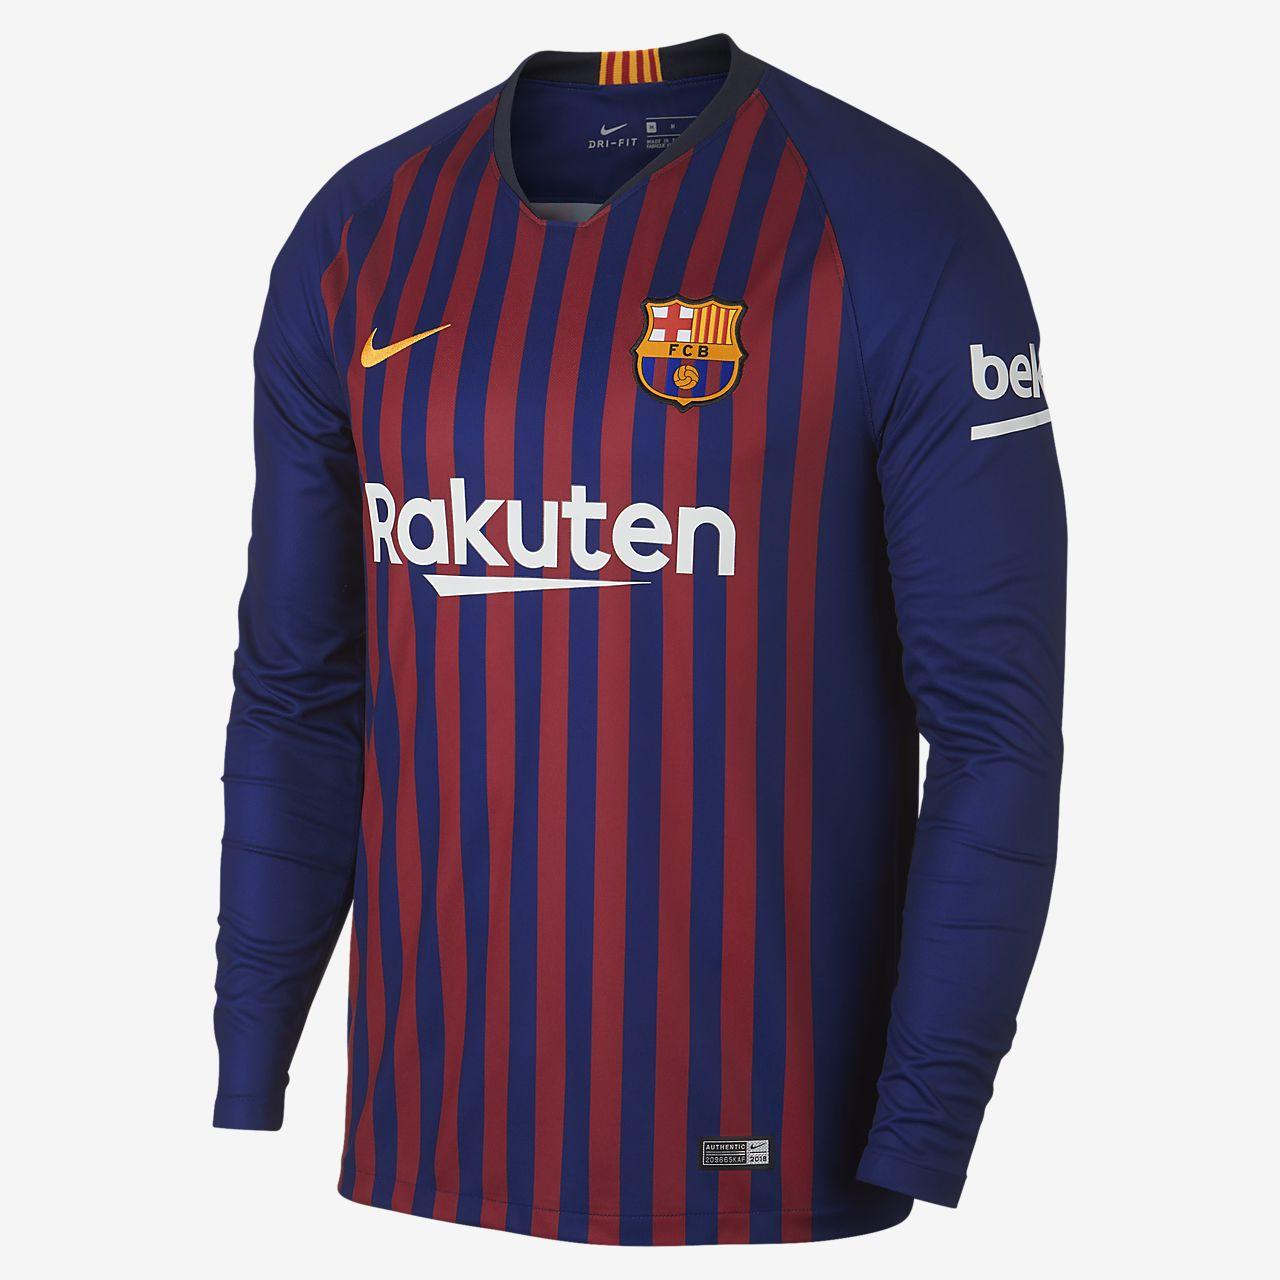 ... 2018 19 FC Barcelona Stadium Home Camiseta de fútbol de manga larga -  Hombre 2531e67ce68